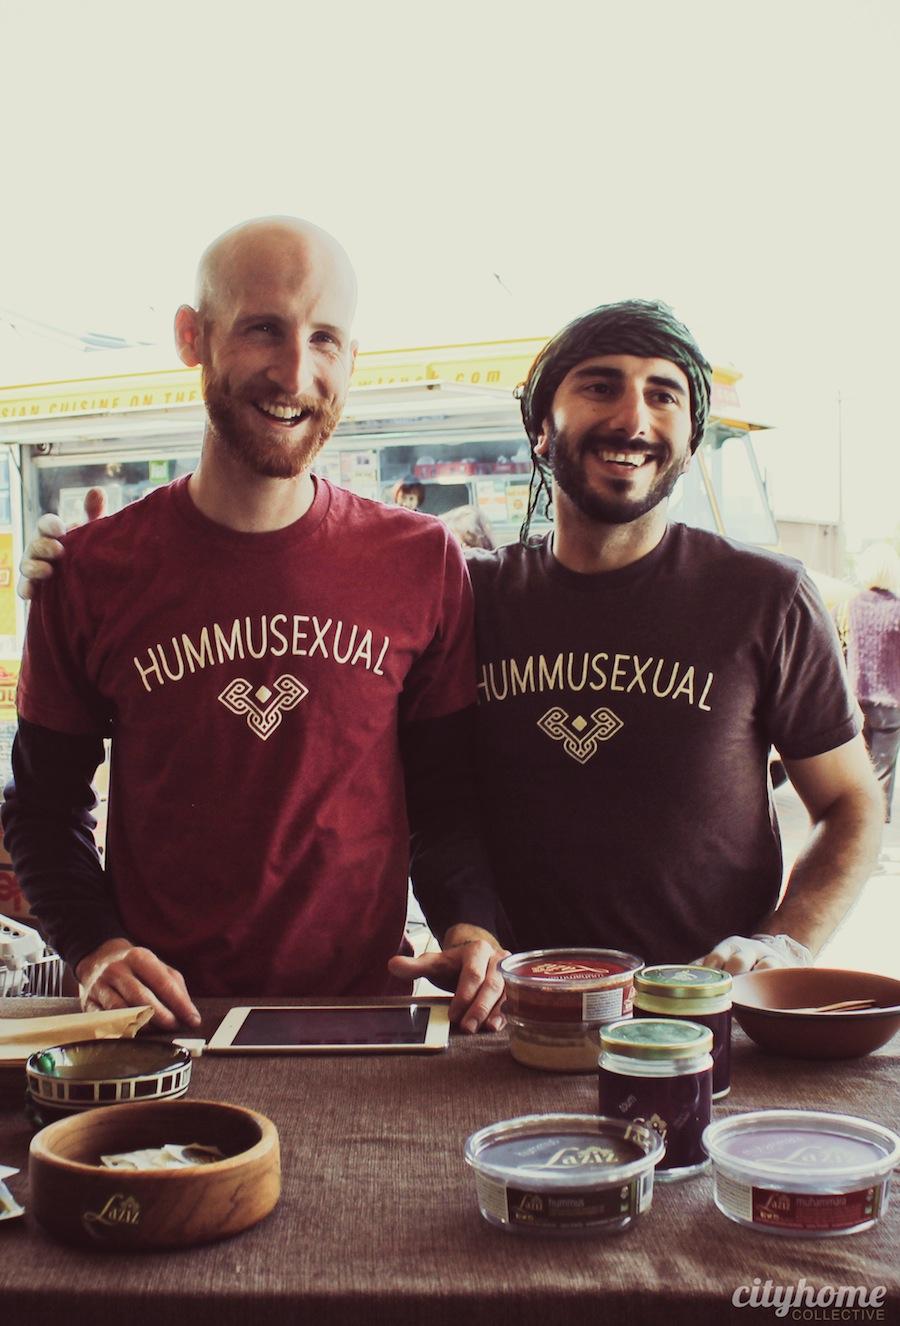 laziz-hummusexual-shirts-7